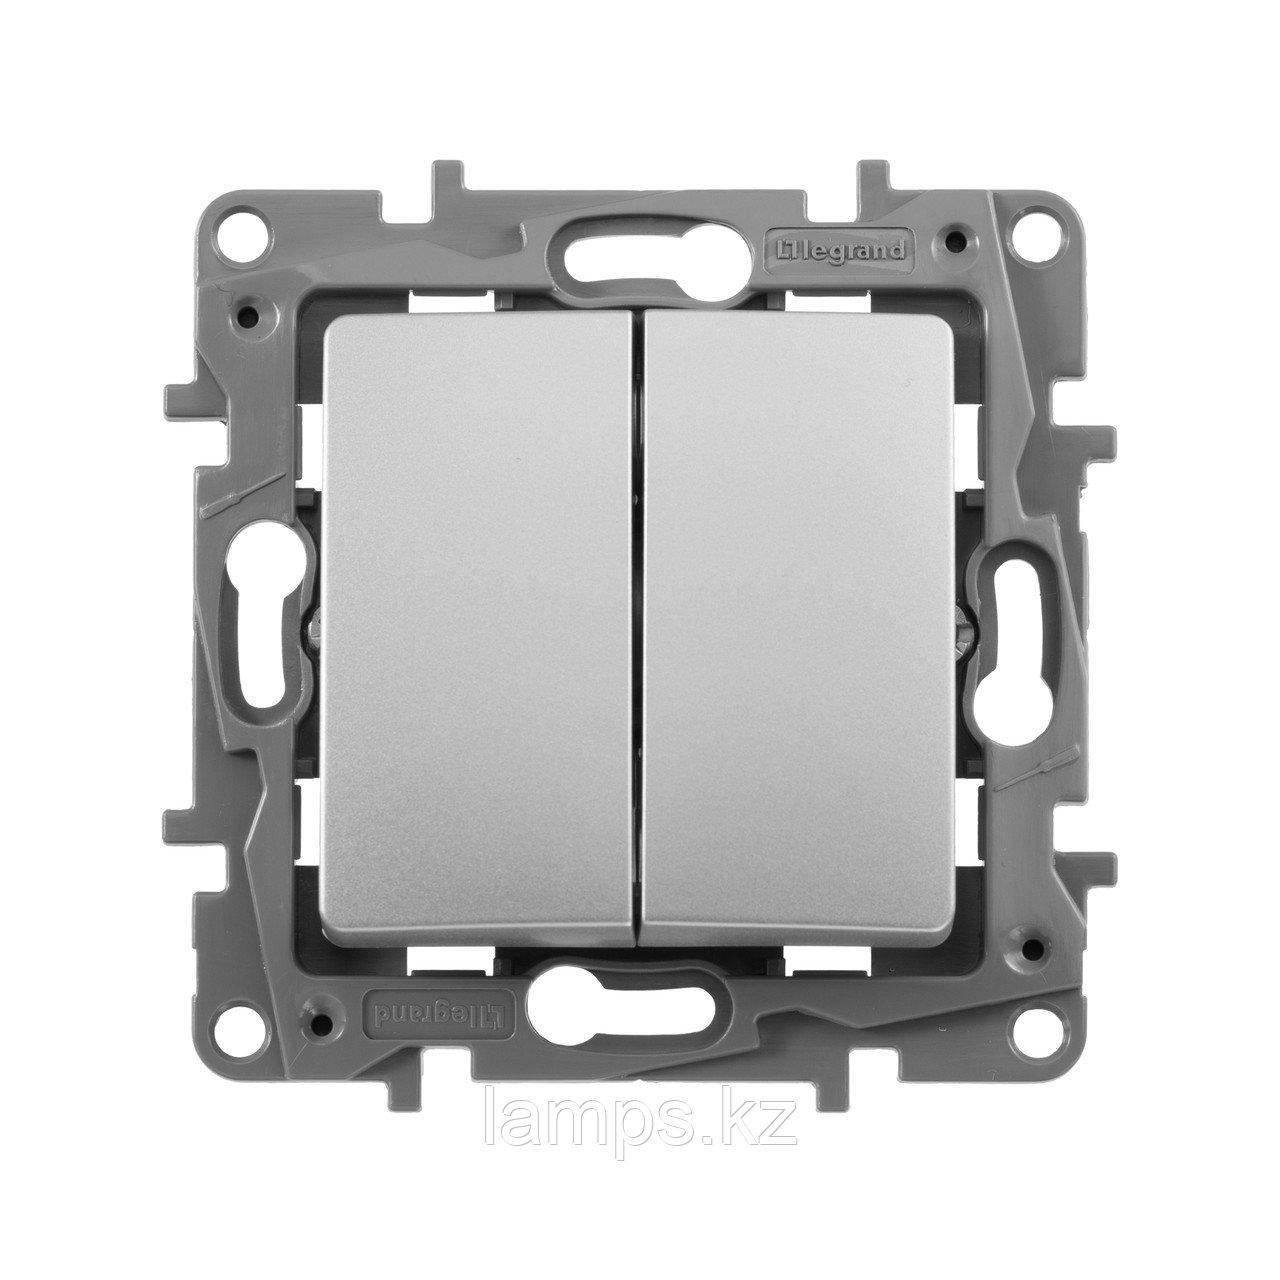 Выключатель двухклавишный - автоматические клеммы - Etika - 10 AX - 250 В~ - алюминий